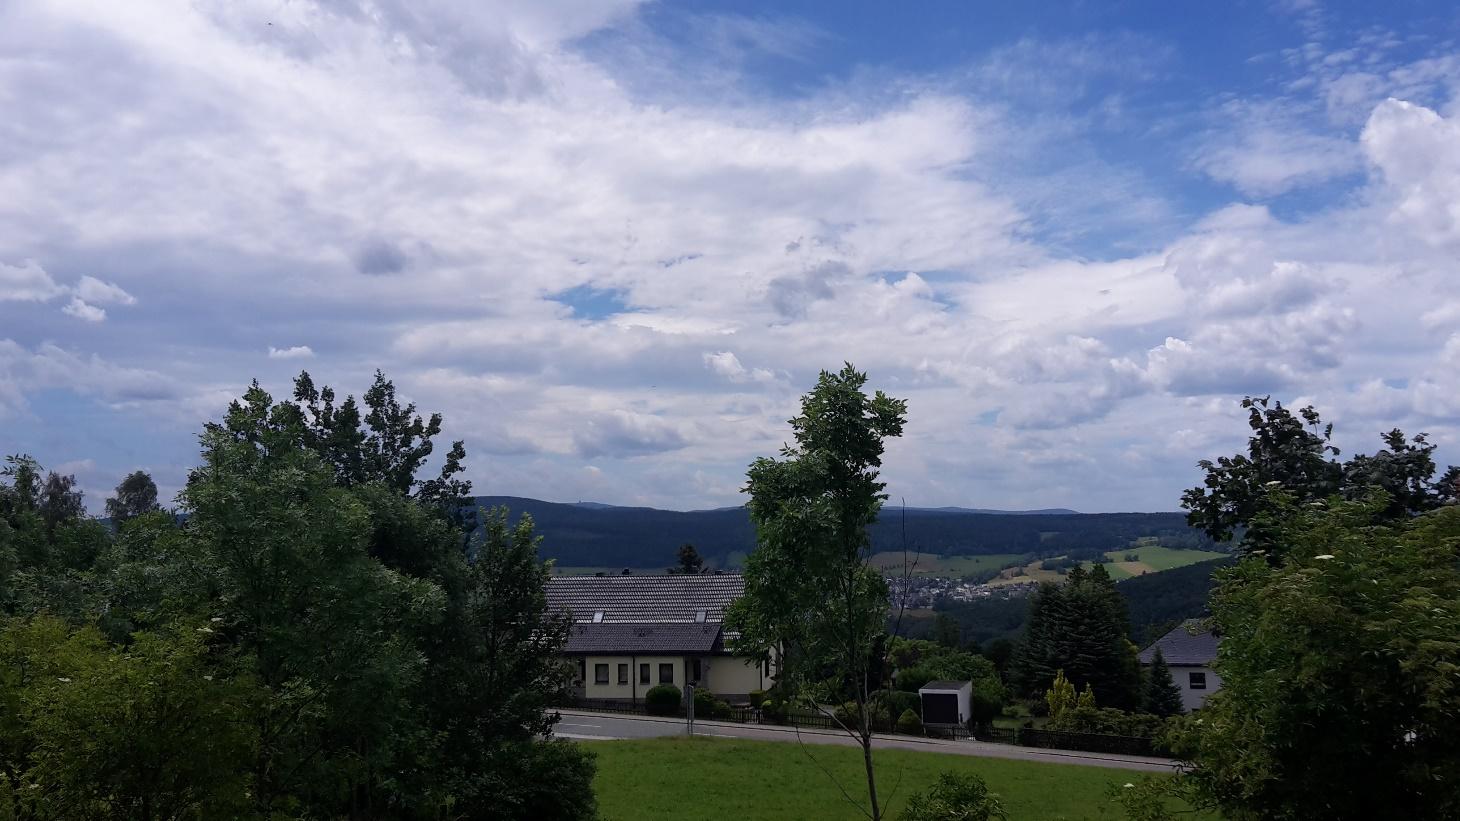 Bick auf den Fichtelberg (1215 m), der höchste Berg im sächsischen Erzgebirge (Bildmitte mit Turm im Hintergrund).